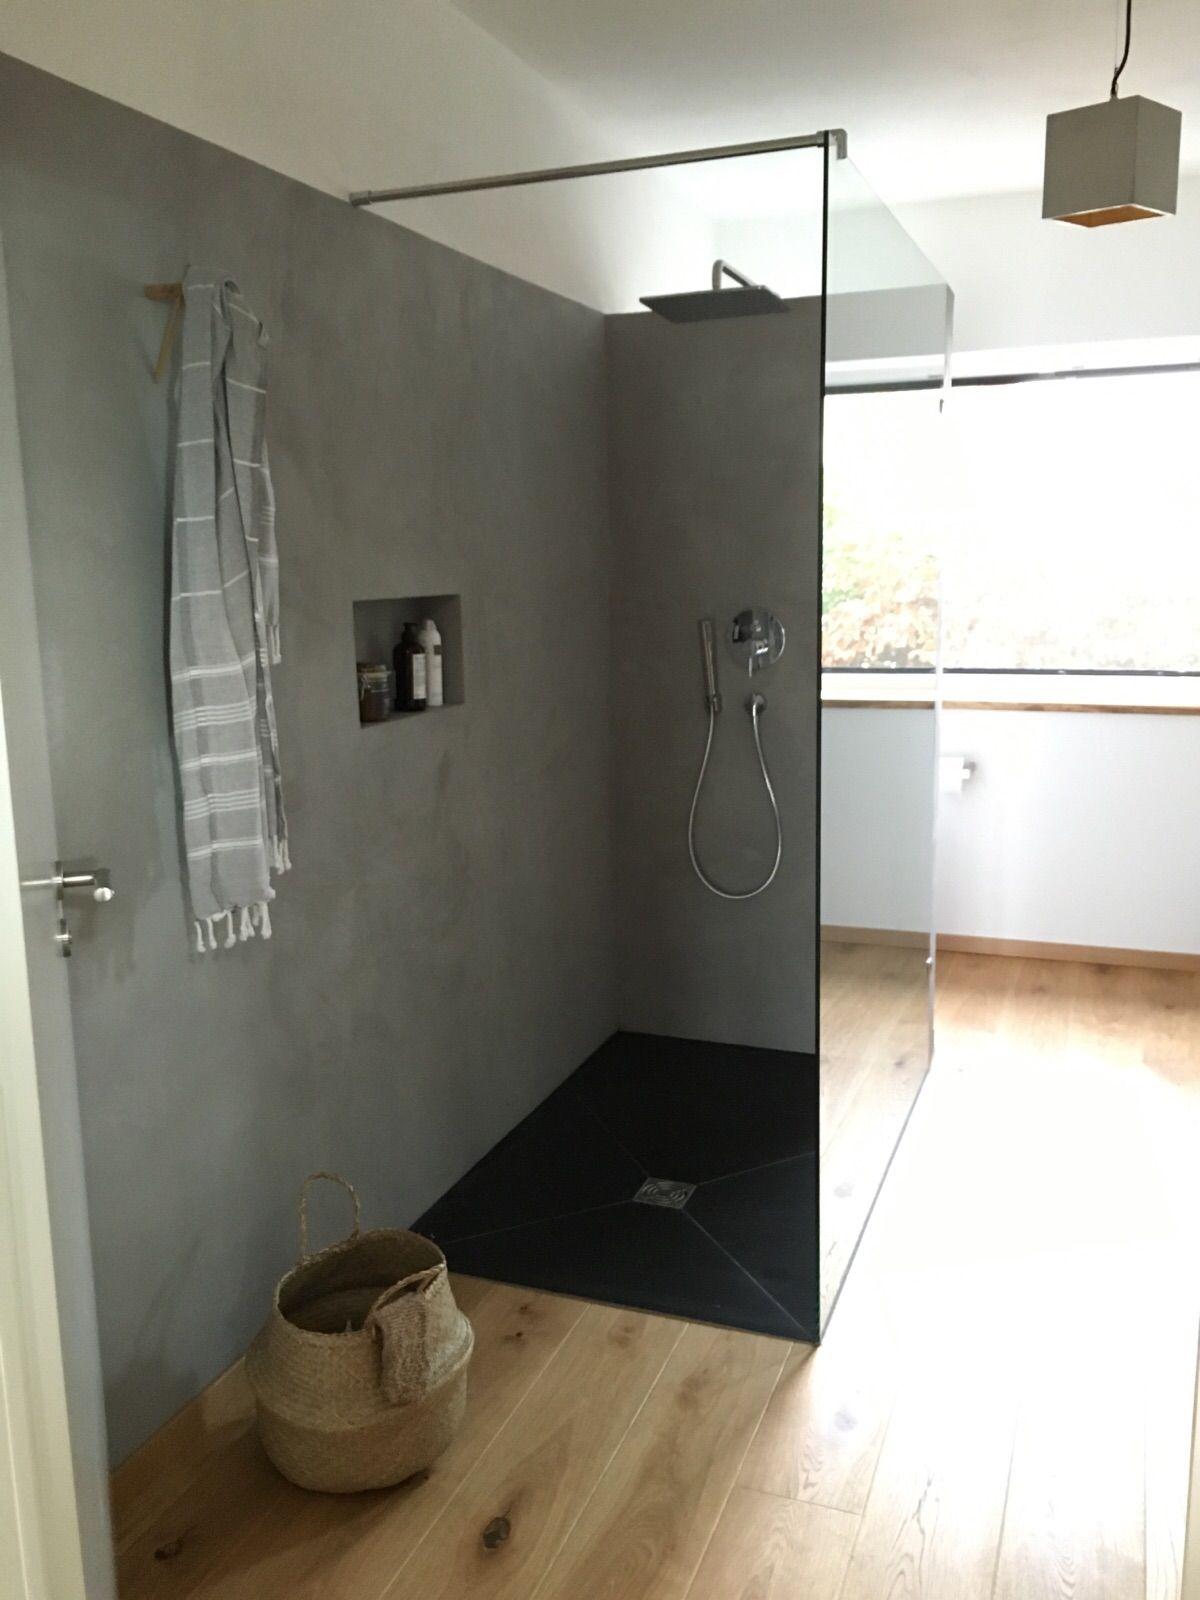 Beton Und Holz Im Bad 2 Bad Einrichten Badezimmer Badezimmer Klein